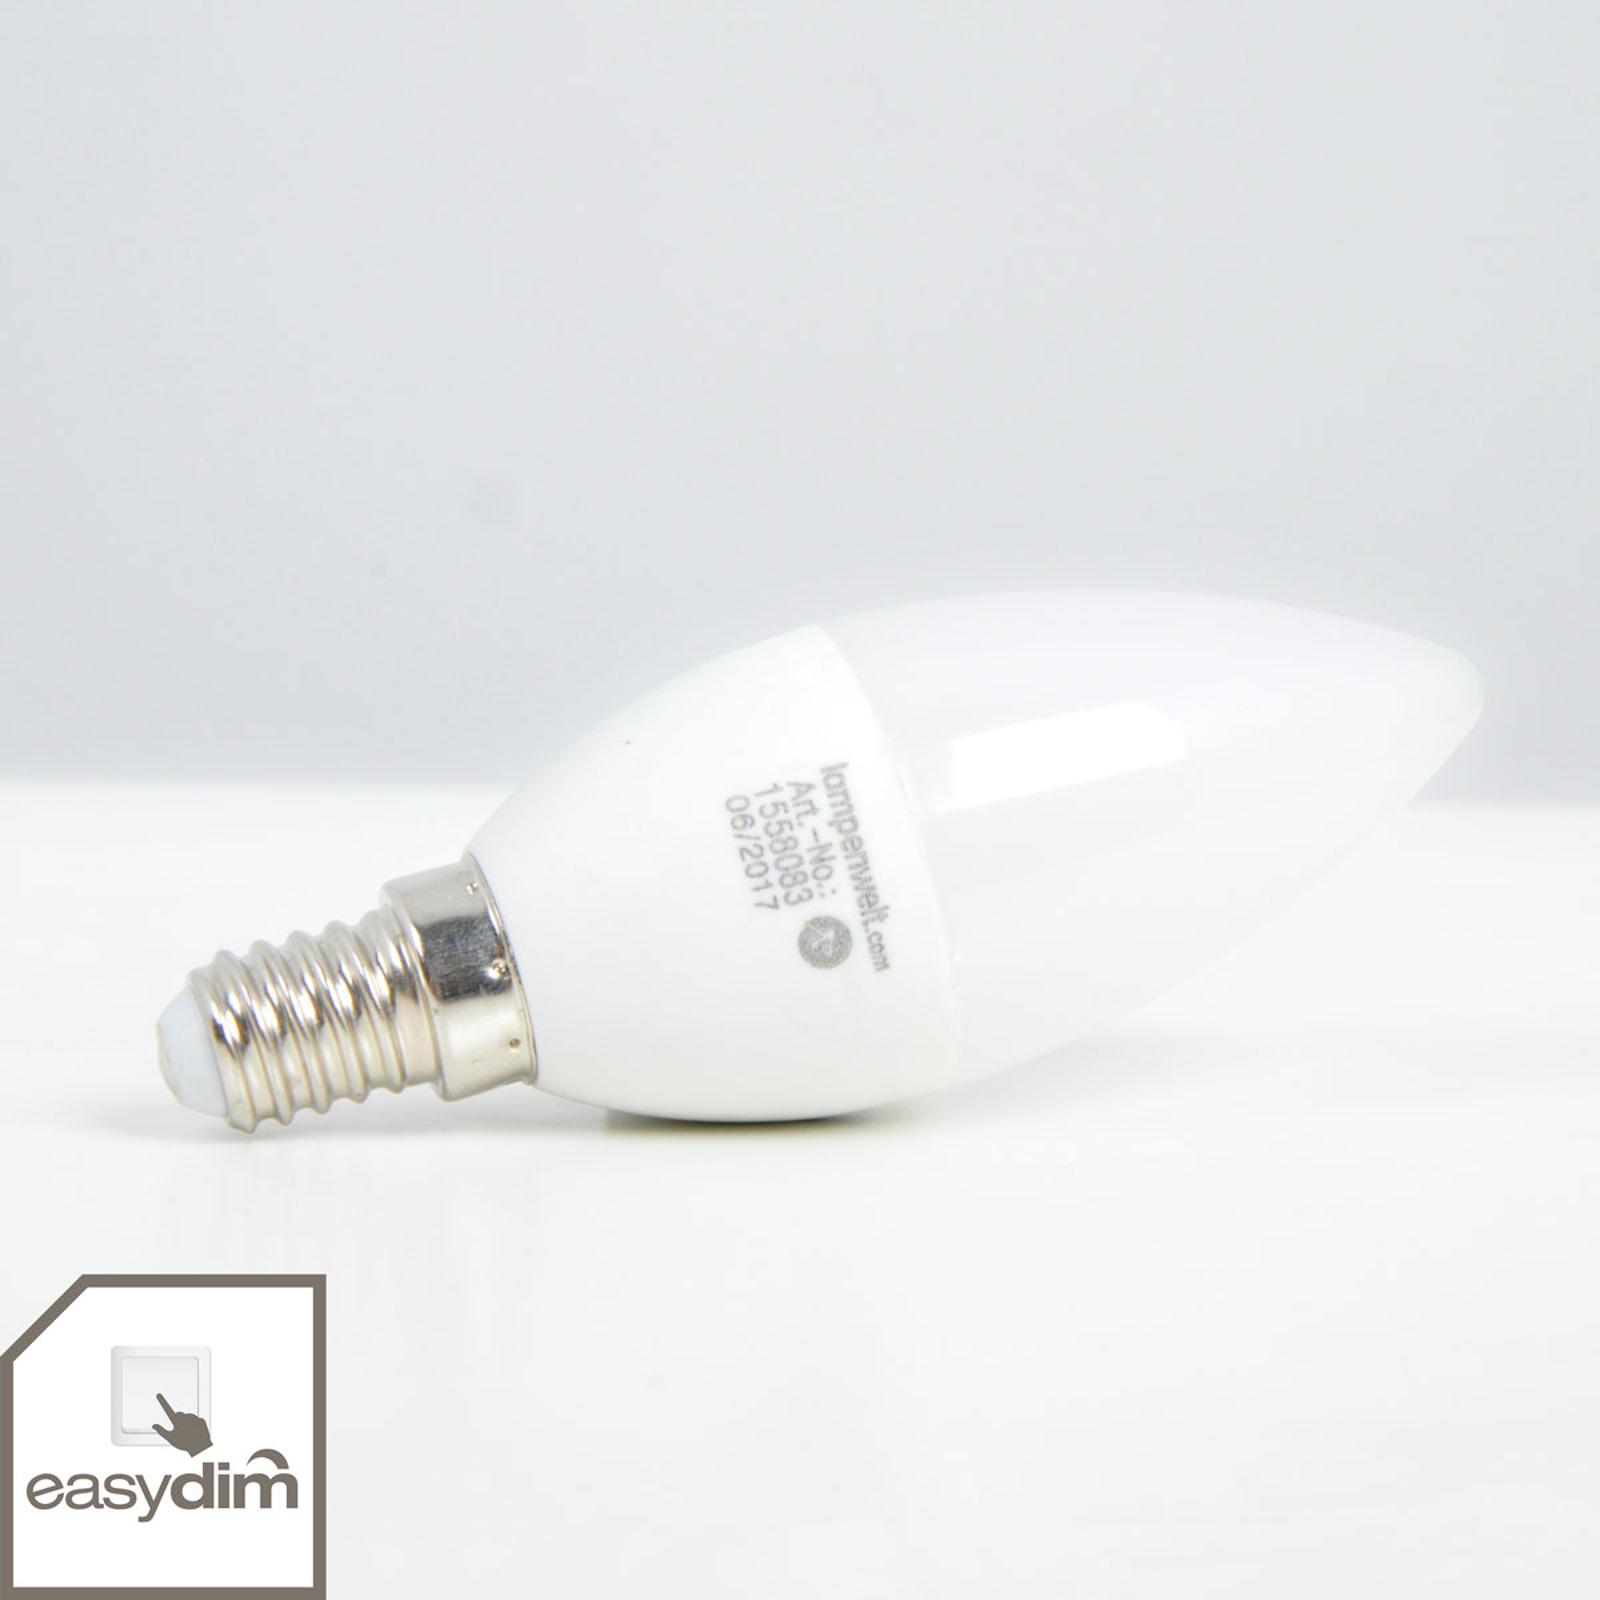 E14 5 W LED-kertepære, varmhvid, easydim